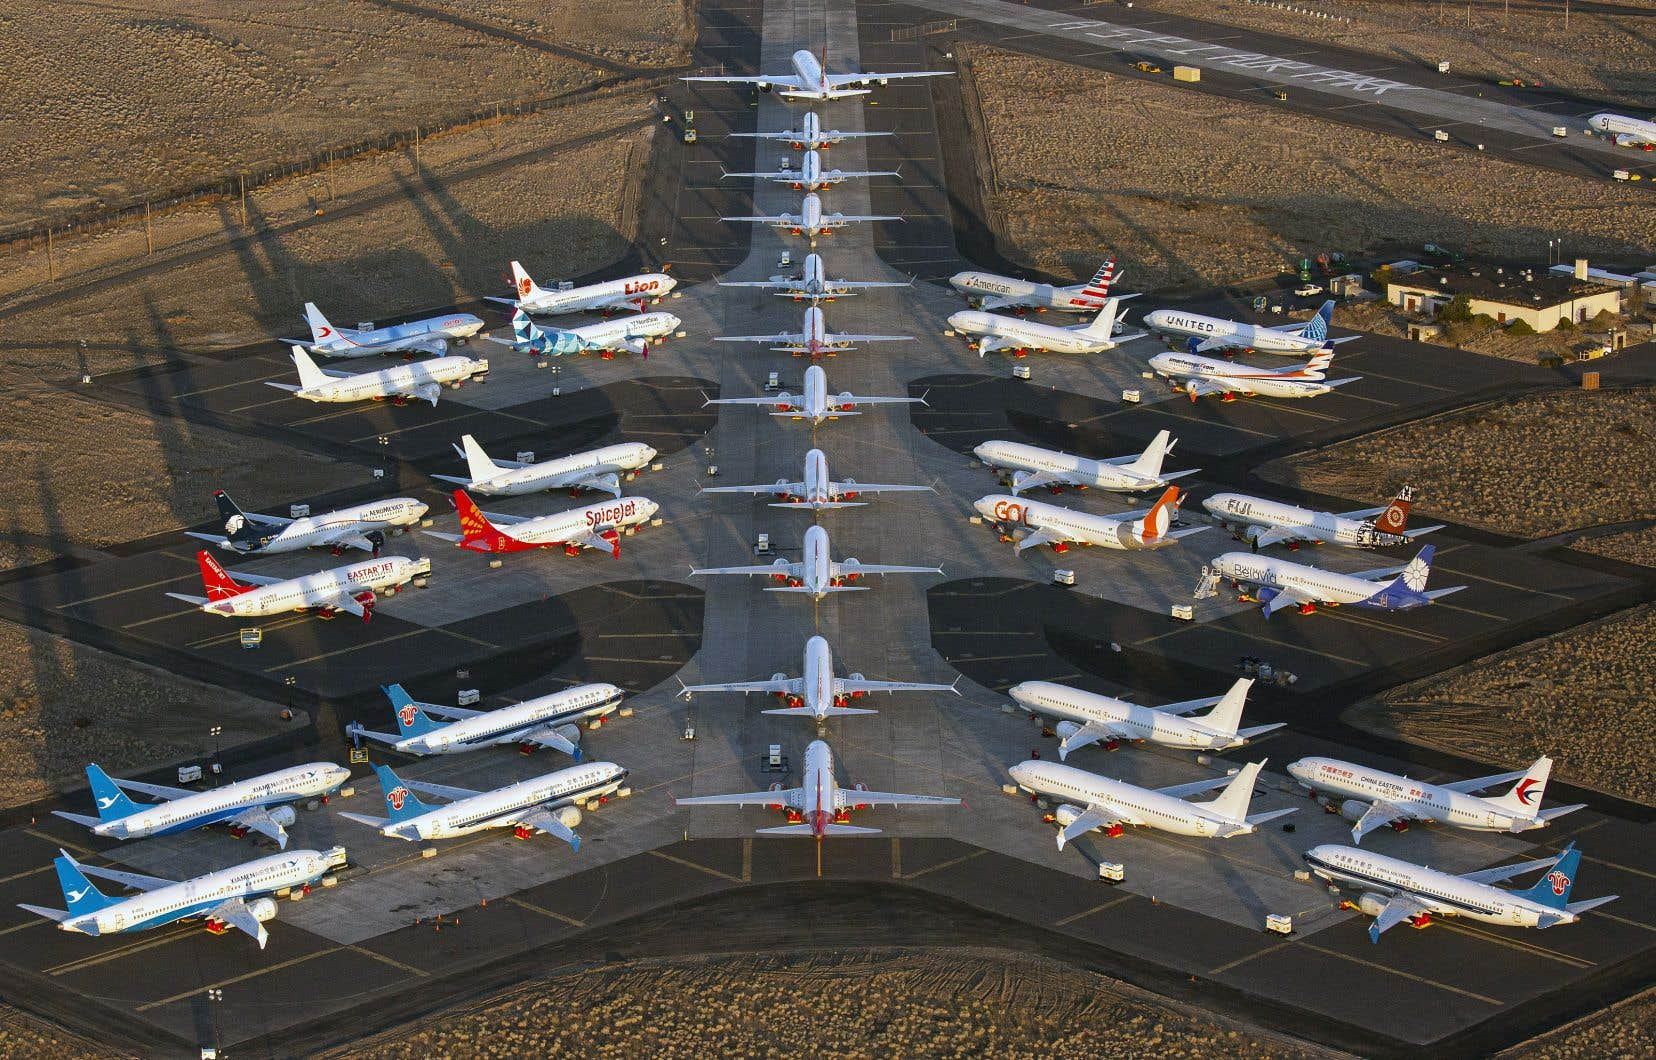 Des appareils Boeing 737 MAX stationnés à l'aéroport international Grant County de Moses Lake, dans l'État de Washington.